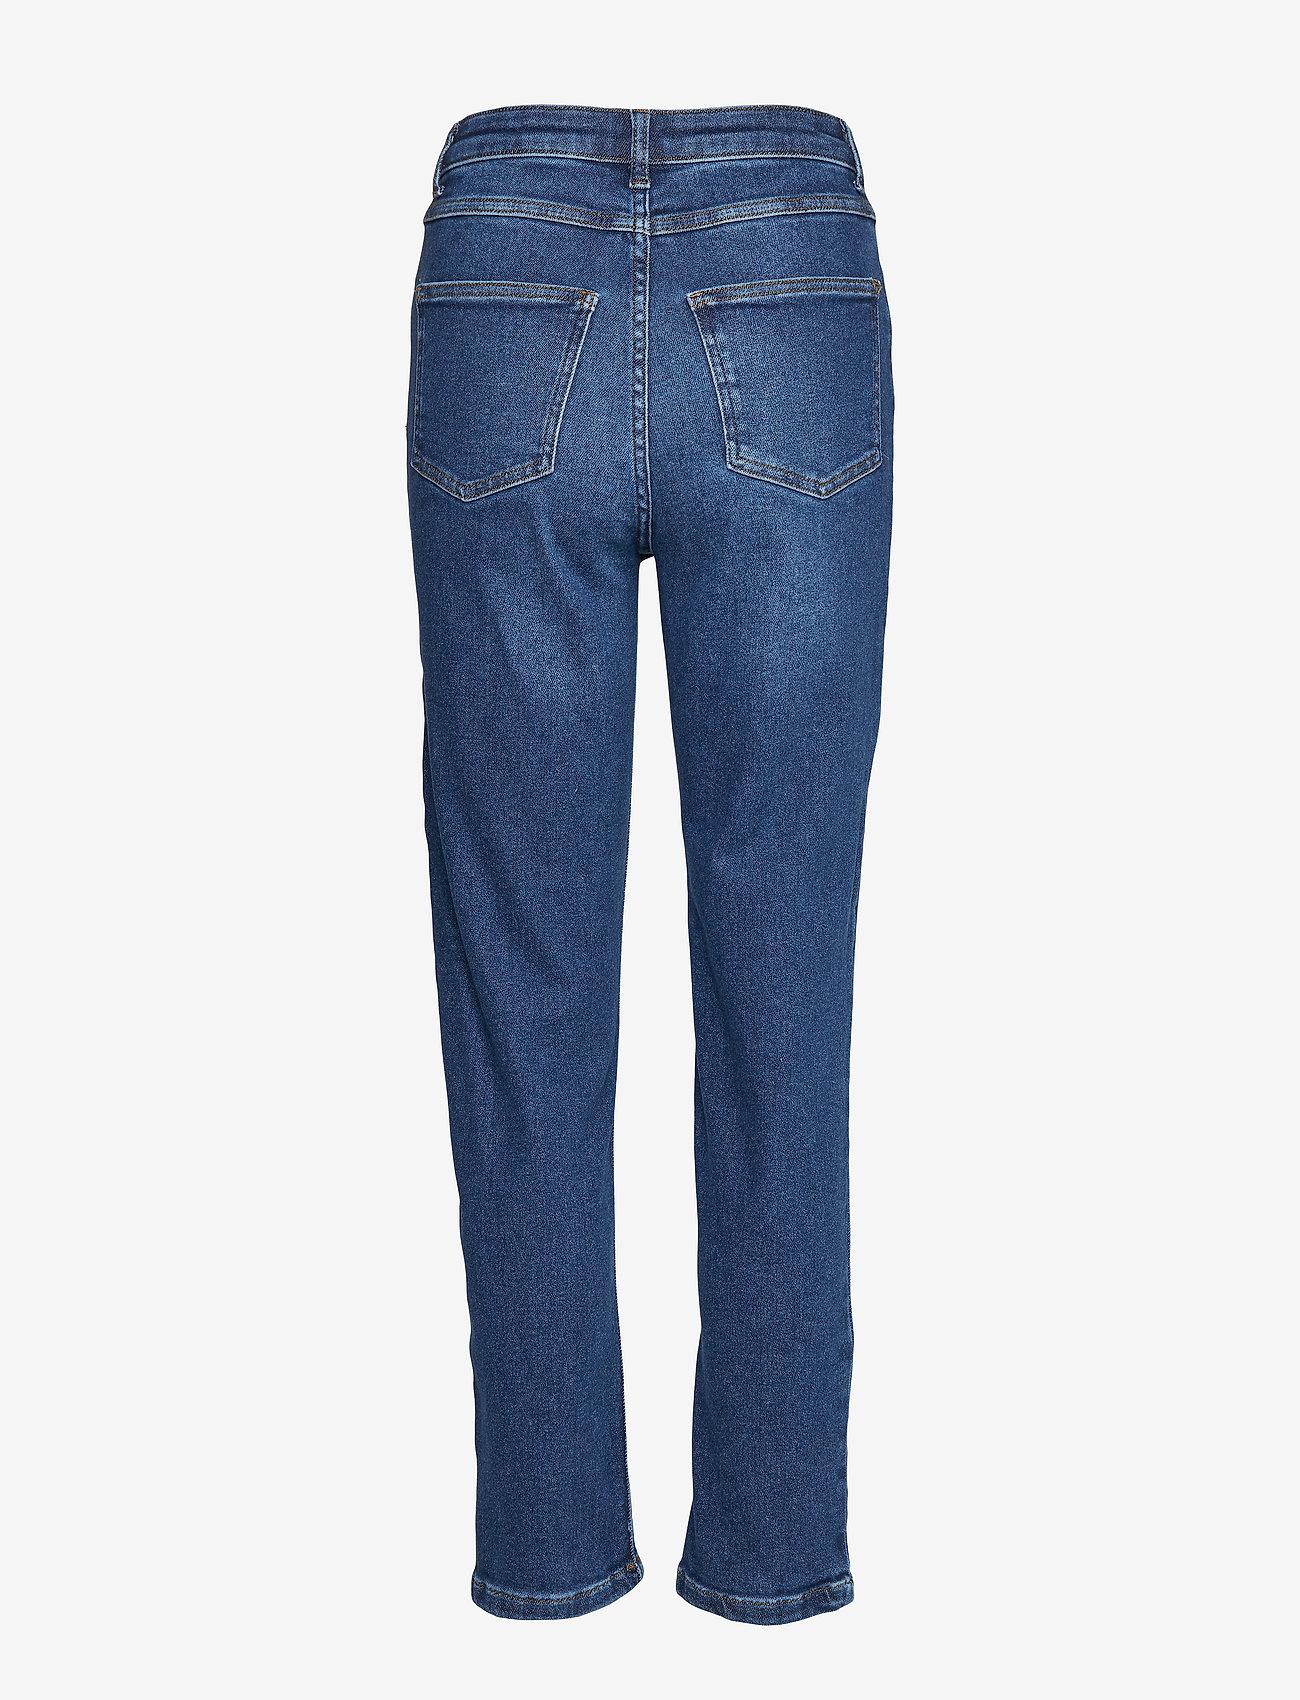 Gestuz - AstridGZ HW slim jeans NOOS - mom jeans - denim blue - 1